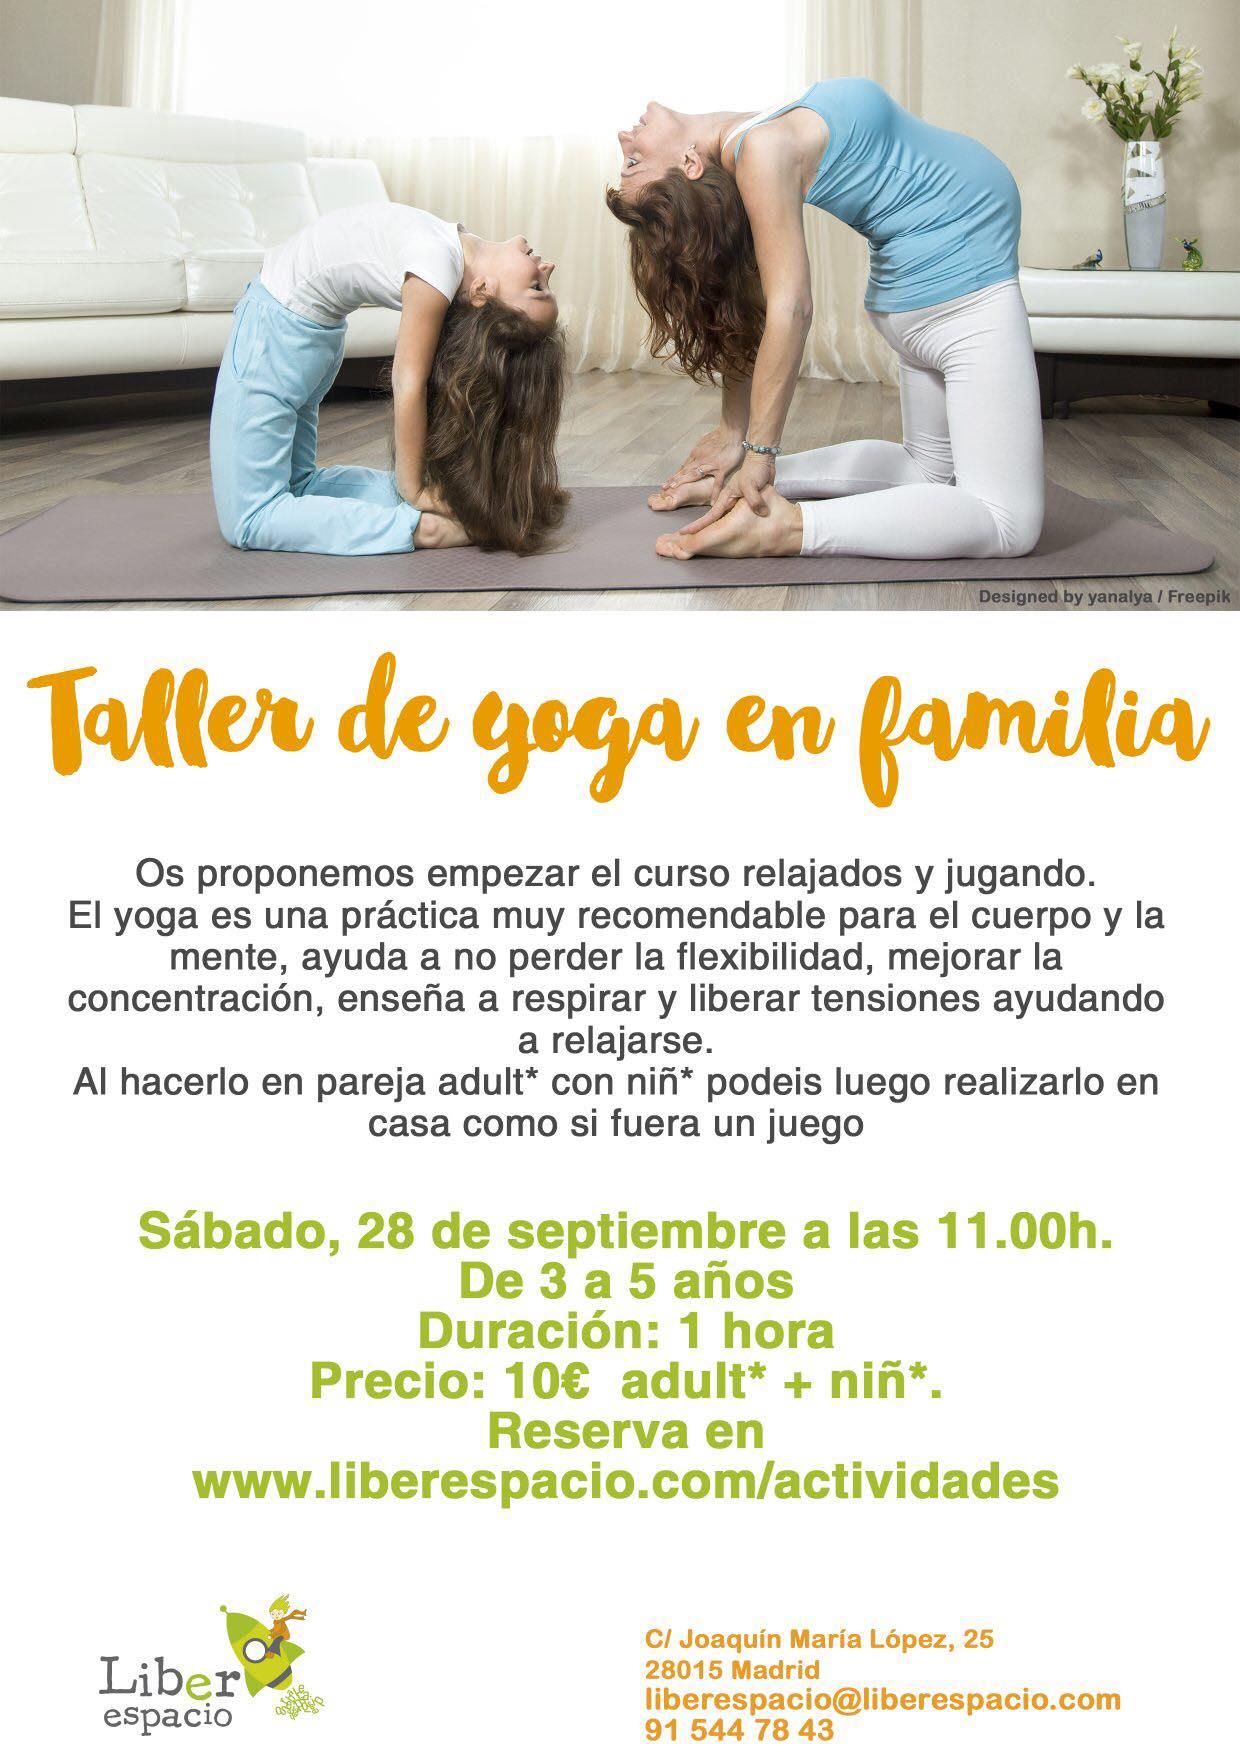 liberespacio Yoga en familia